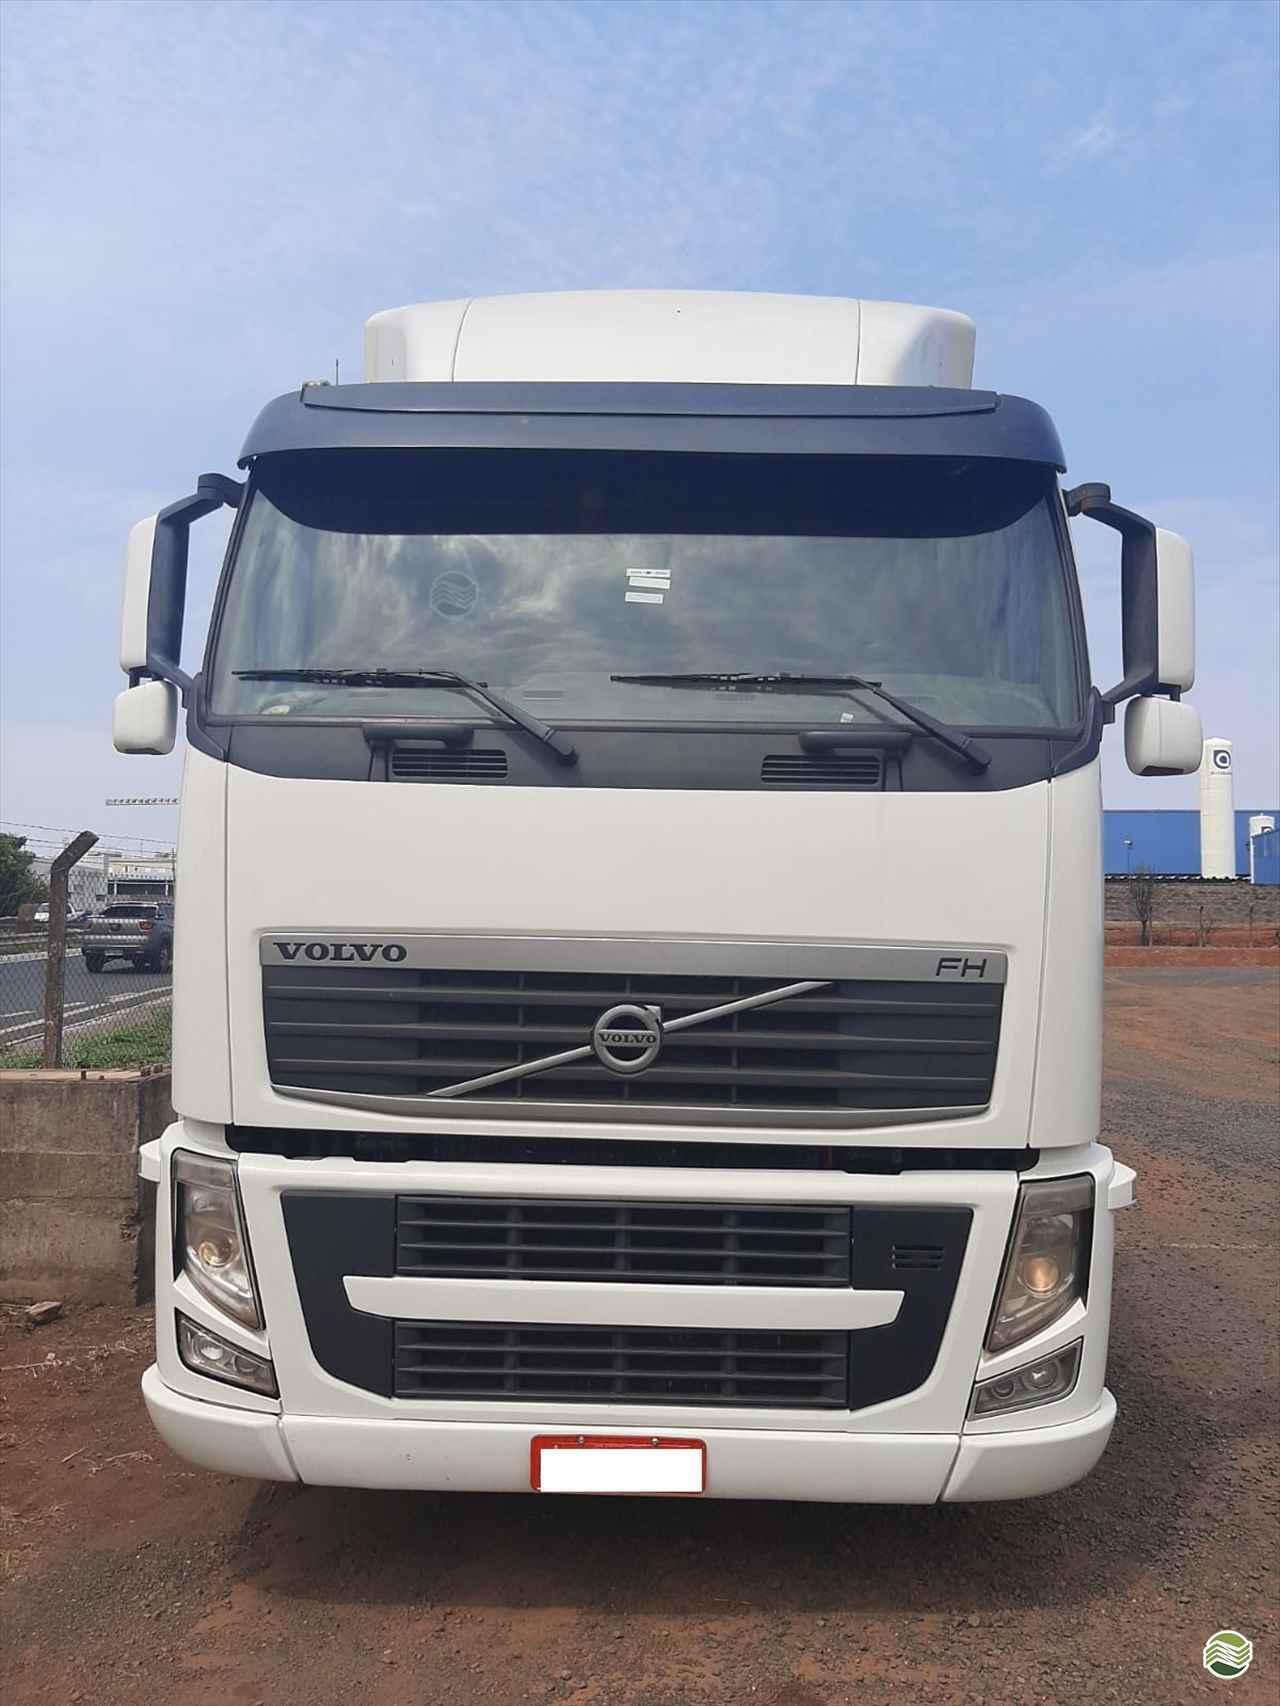 CAMINHAO VOLVO VOLVO FH 440 Chassis Truck 6x2 Gerominho Implementos Agrícolas UBERLANDIA MINAS GERAIS MG